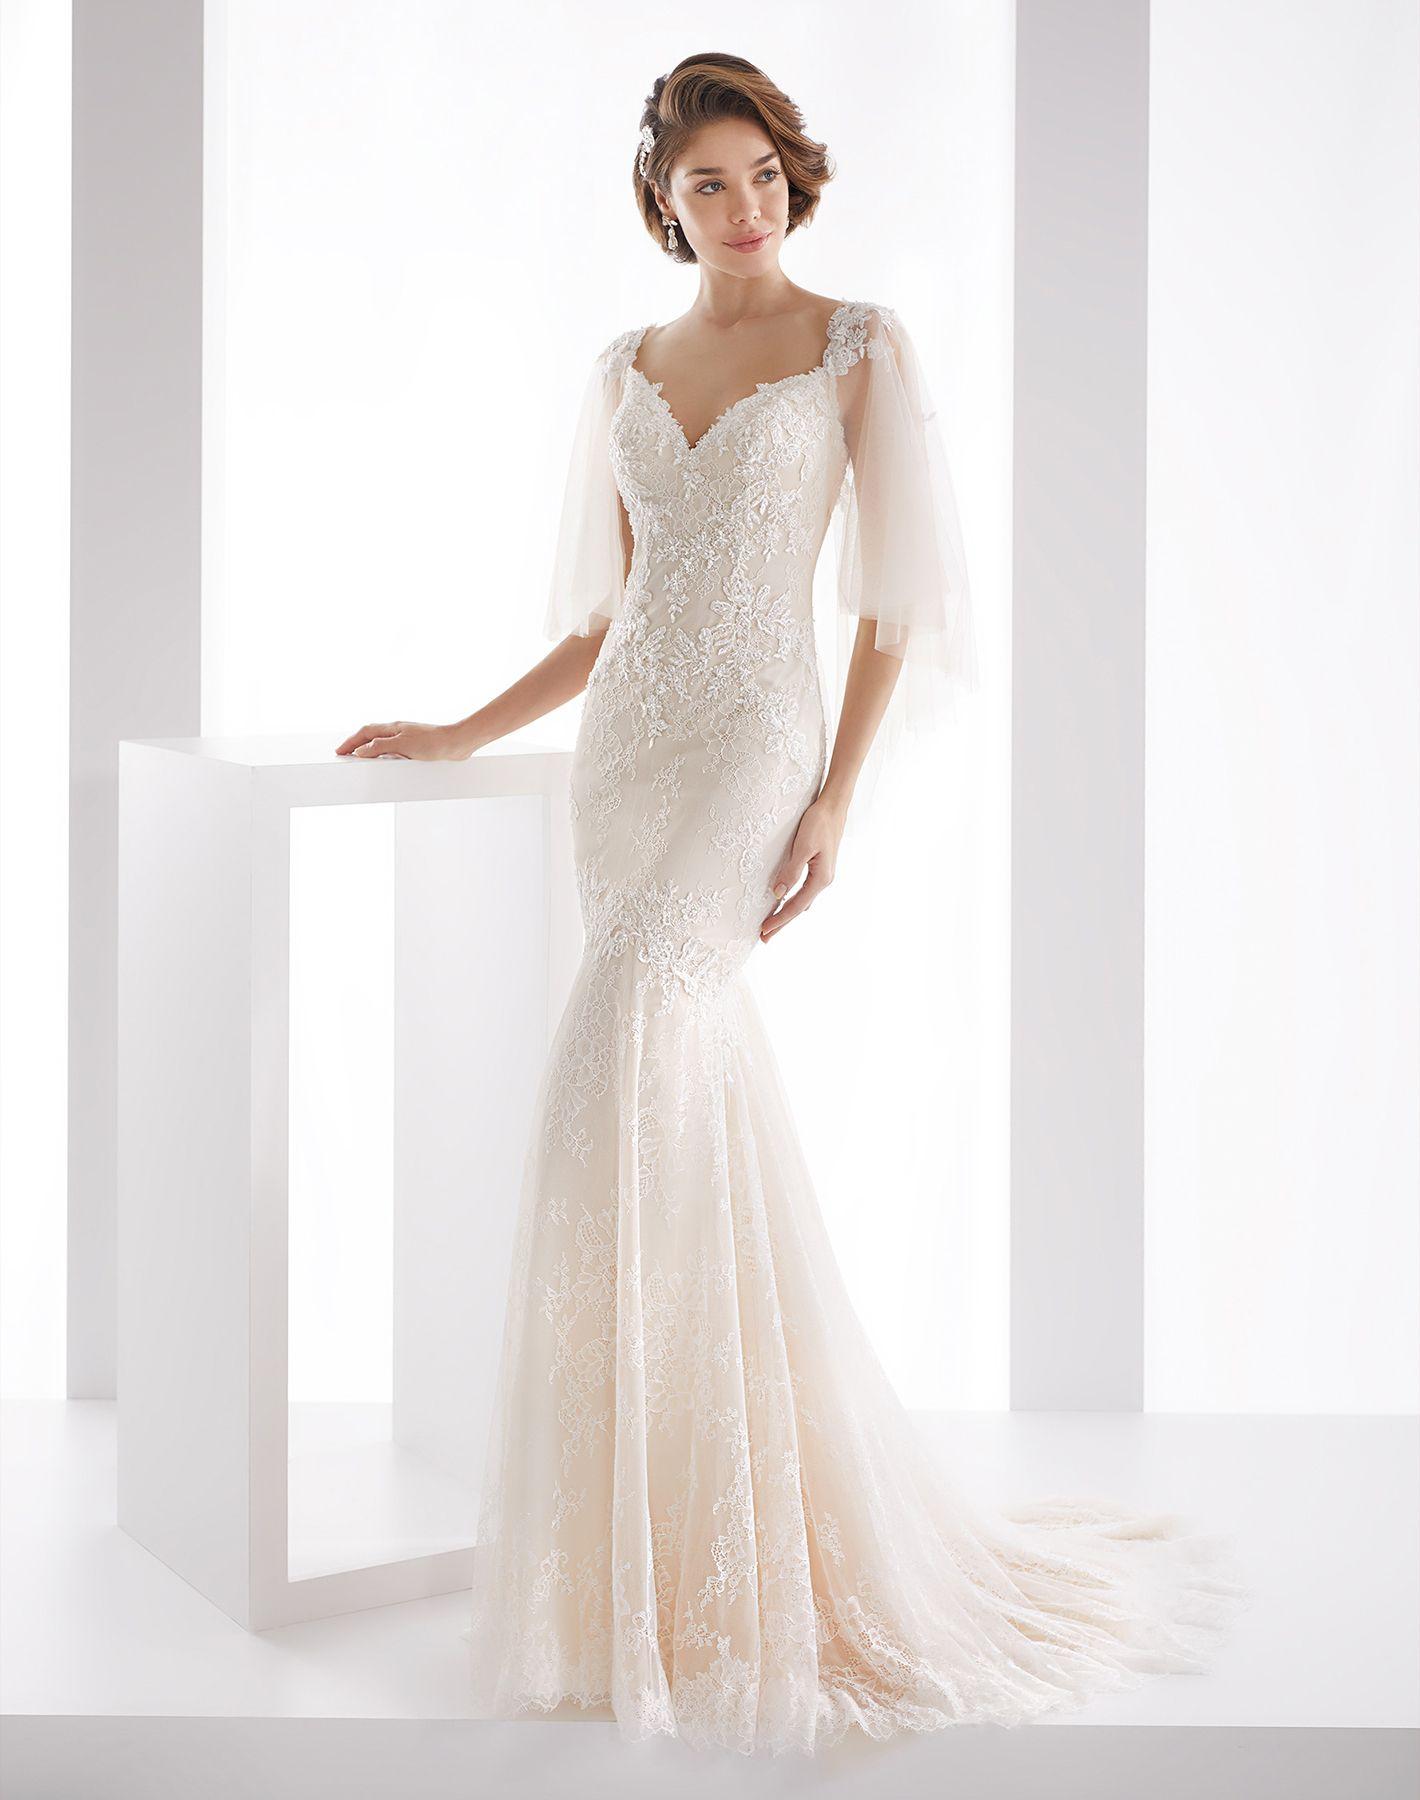 capa Vestido Novia De bodas bodasnet Jolies cape joab19462 fwY76wRq